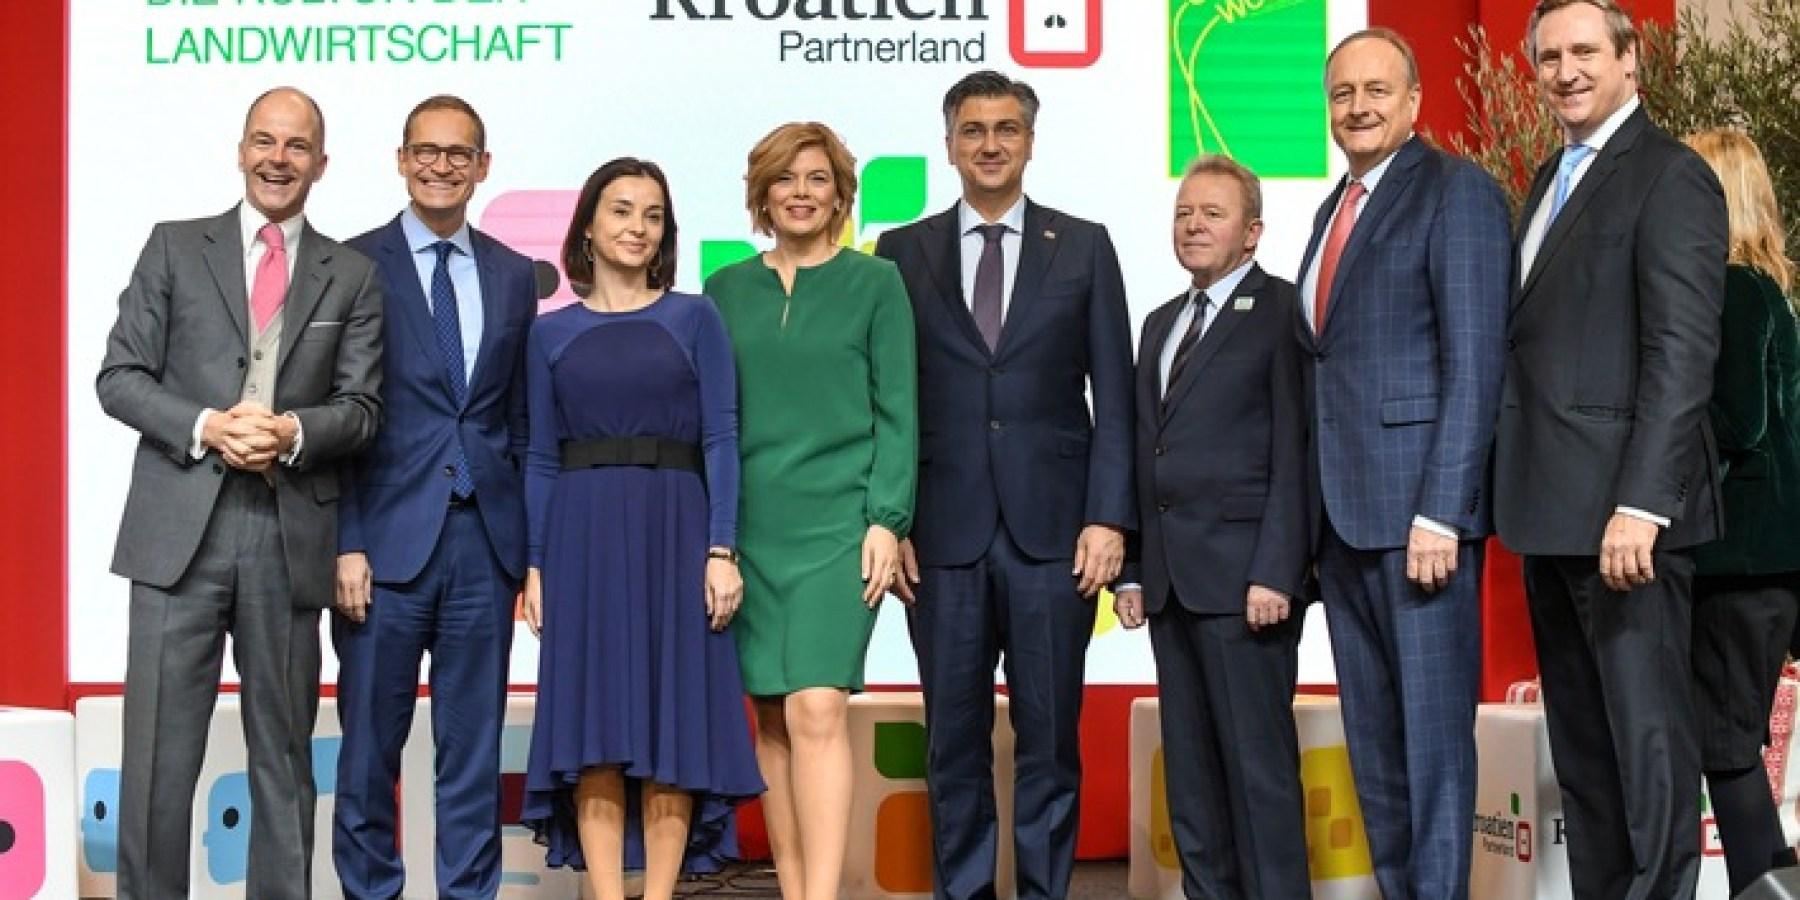 Klöckner eröffnet mit zahlreichen Ministern die Grüne Woche 2020